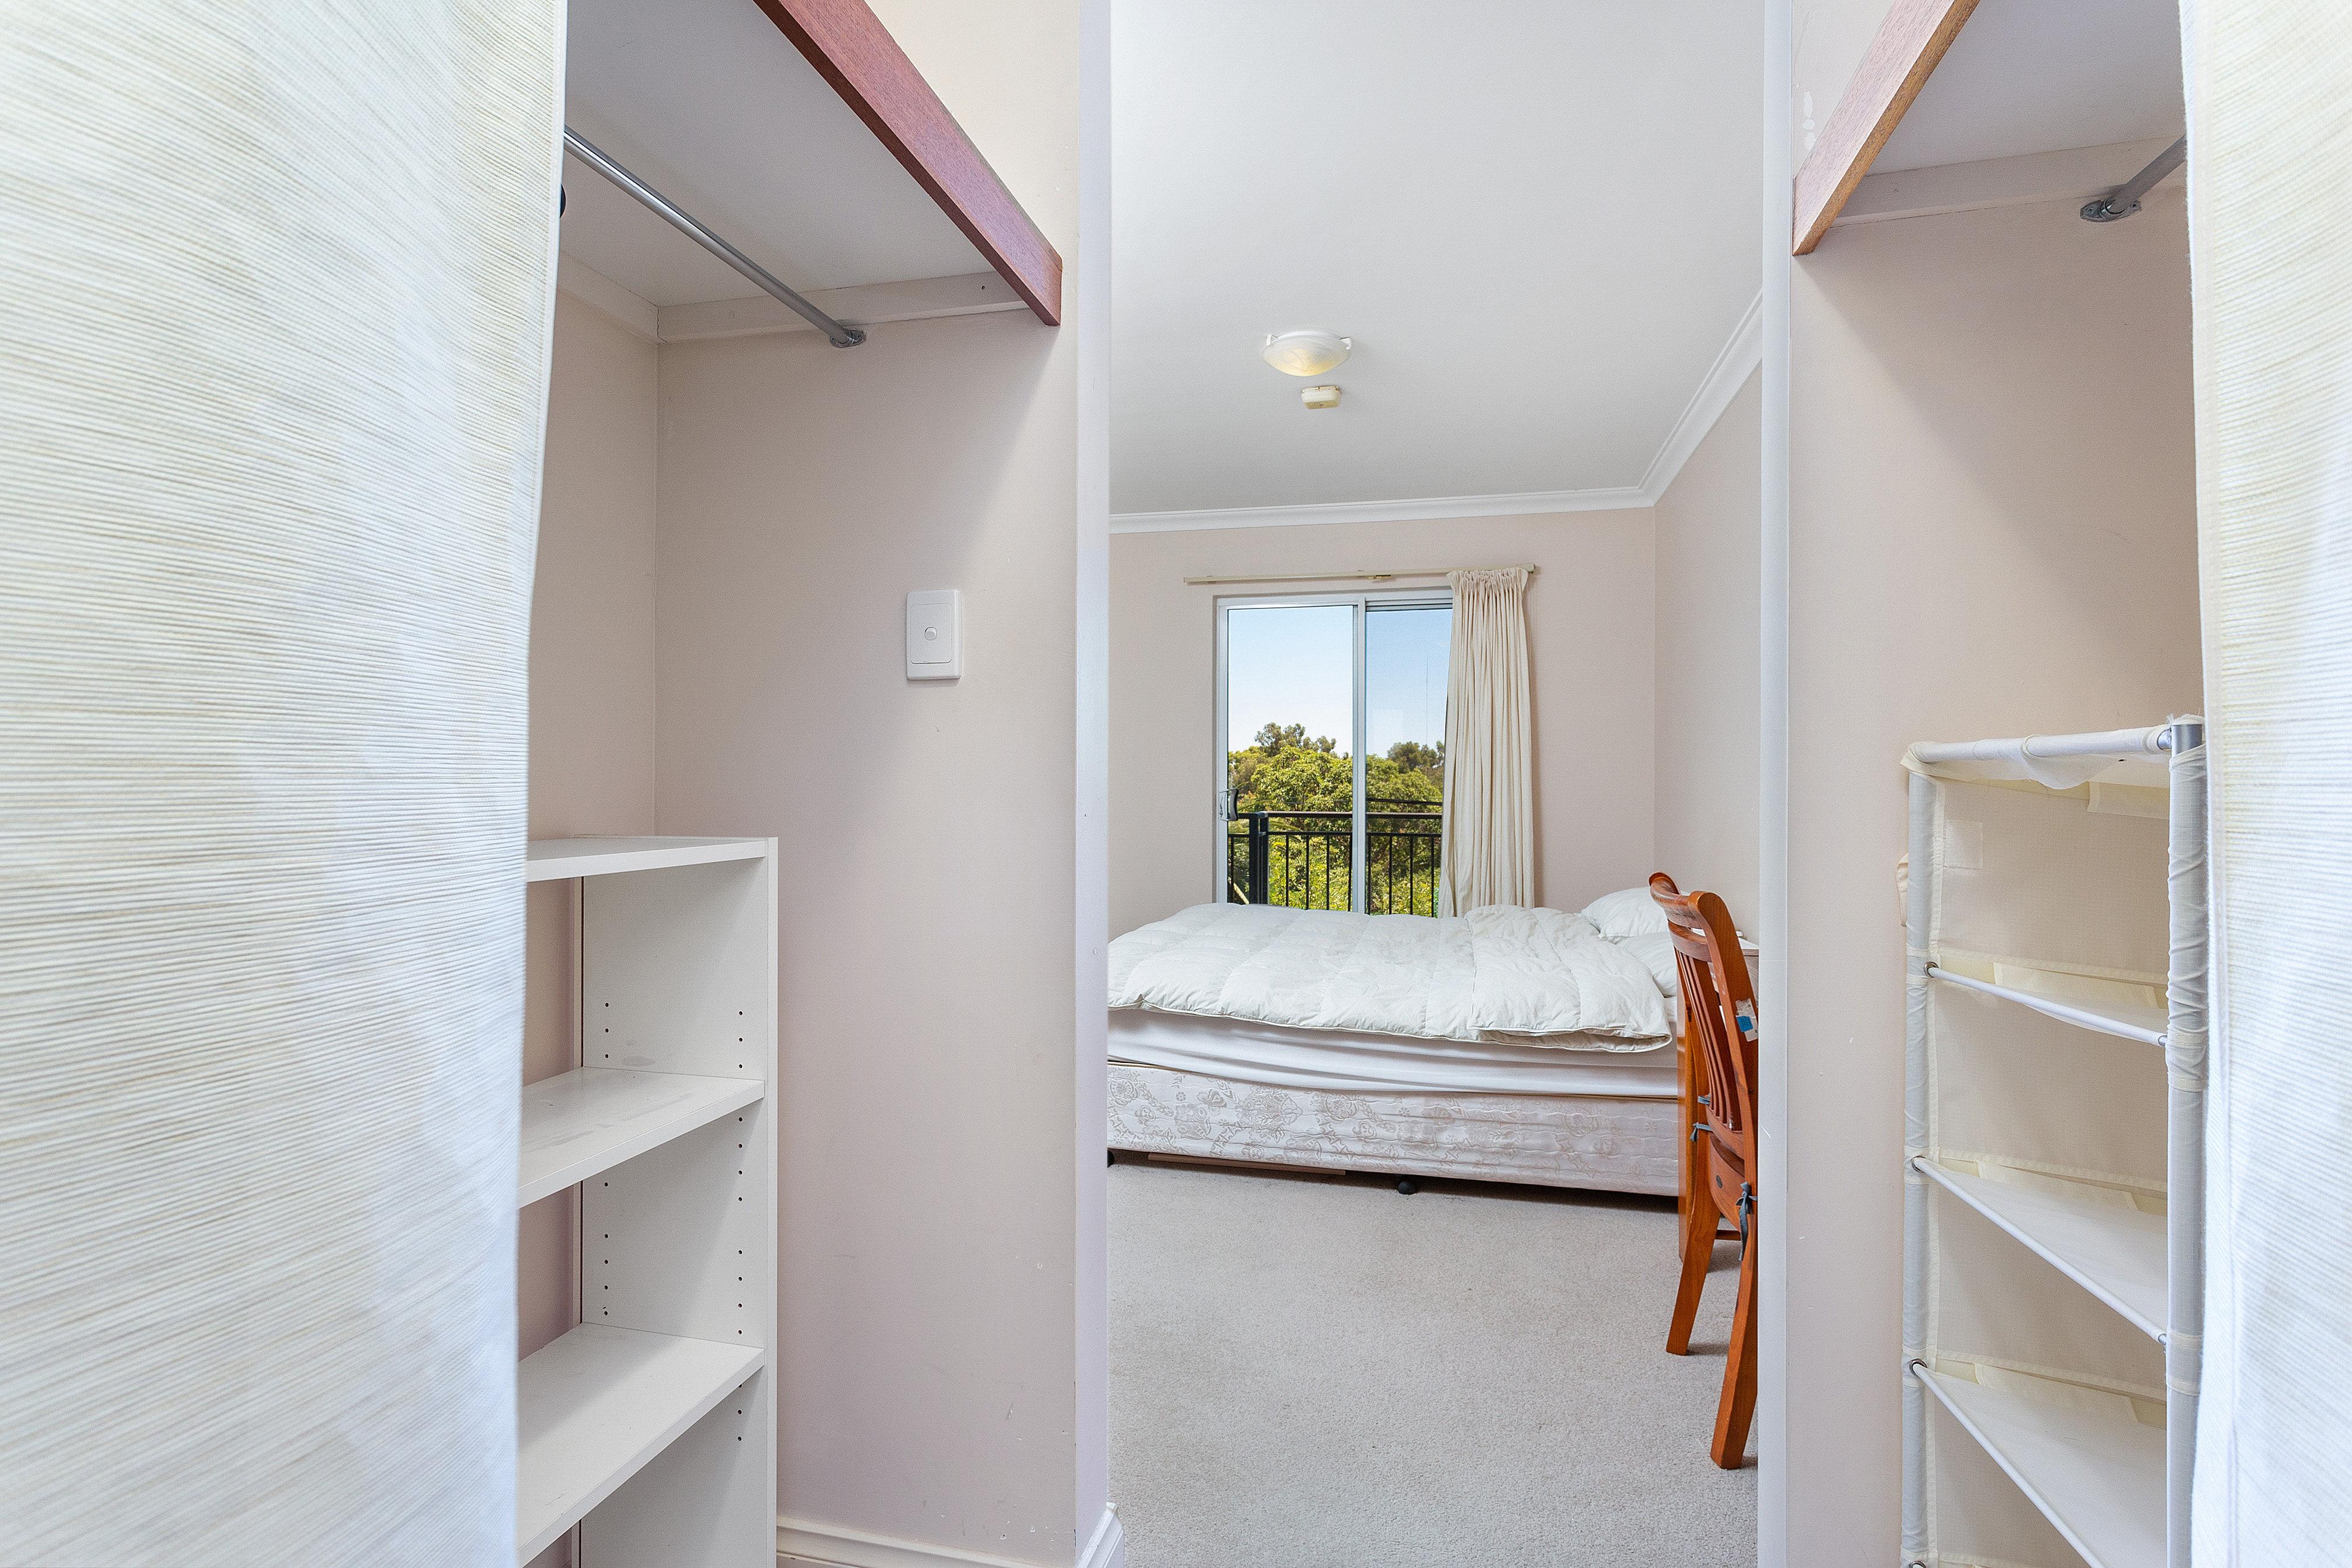 PRINT 9w 161 Colin Street, West Perth 25